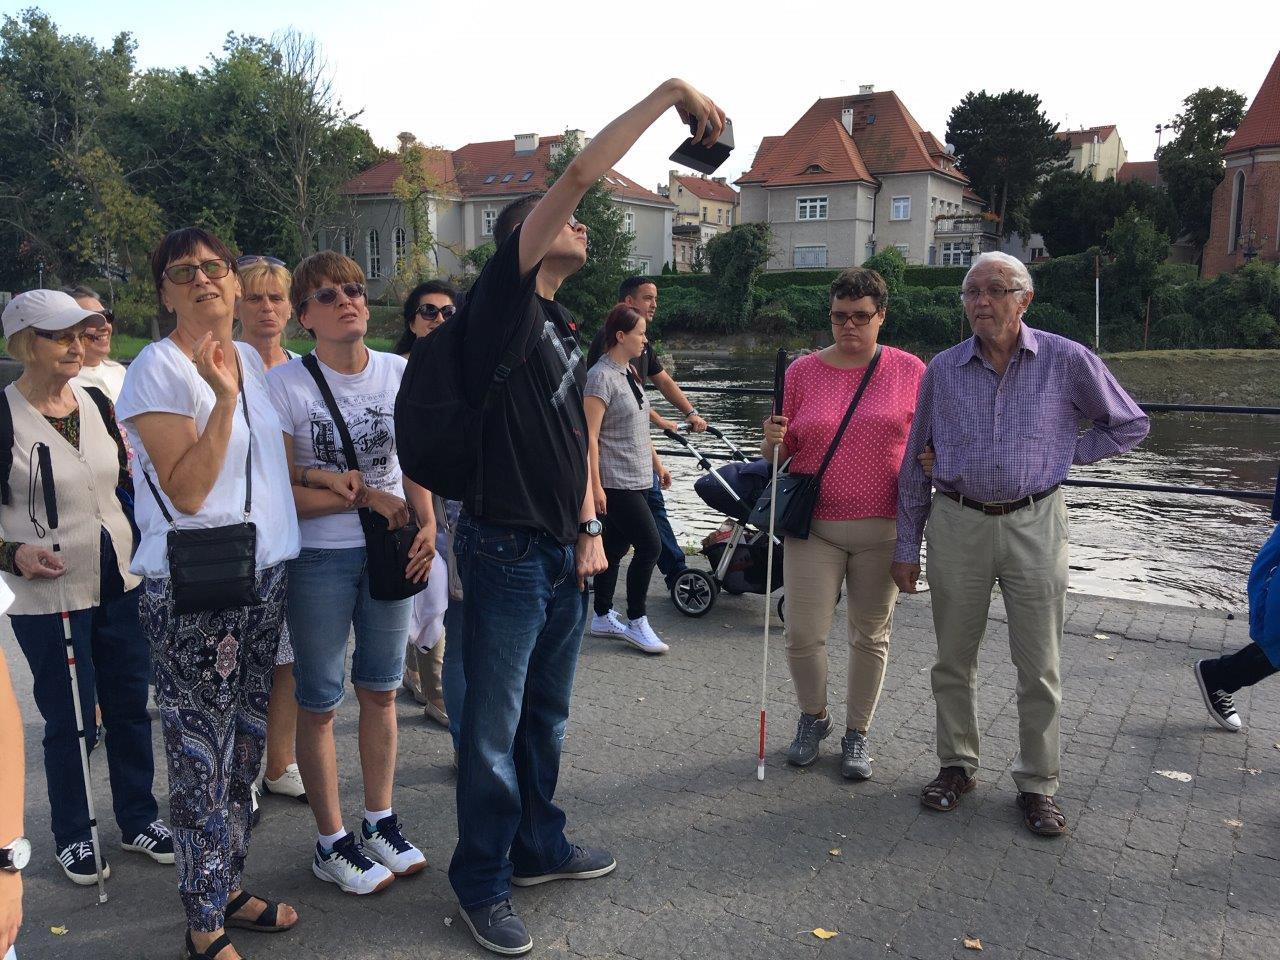 Pamiątkowe selfie – grupa uczestników podczas spaceru nad rzeką